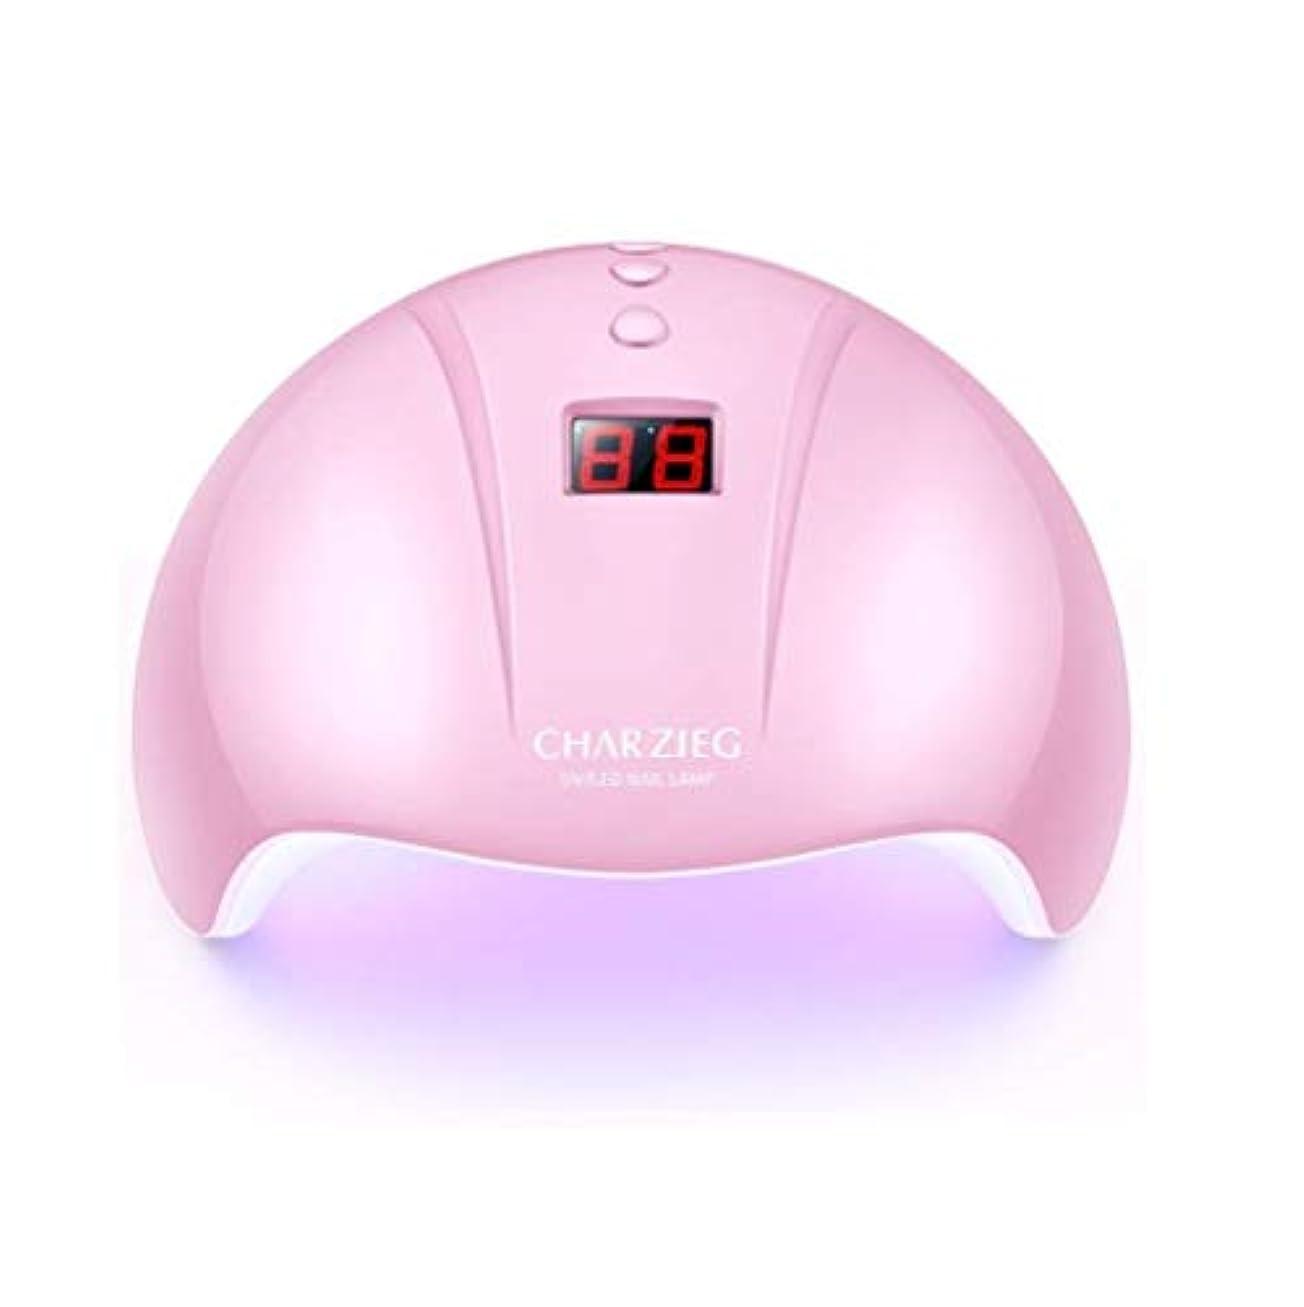 苦い家庭ニュースHooAMI ネイルライト led ネイルドライヤー 硬化用uvライト ジェルネイル 36W LED 硬化 UVライト 高速硬化ジェルネイルライト赤外線検知 手&足両用 自動センサー 3段階タイマー付きUSB式 (ピンク2)